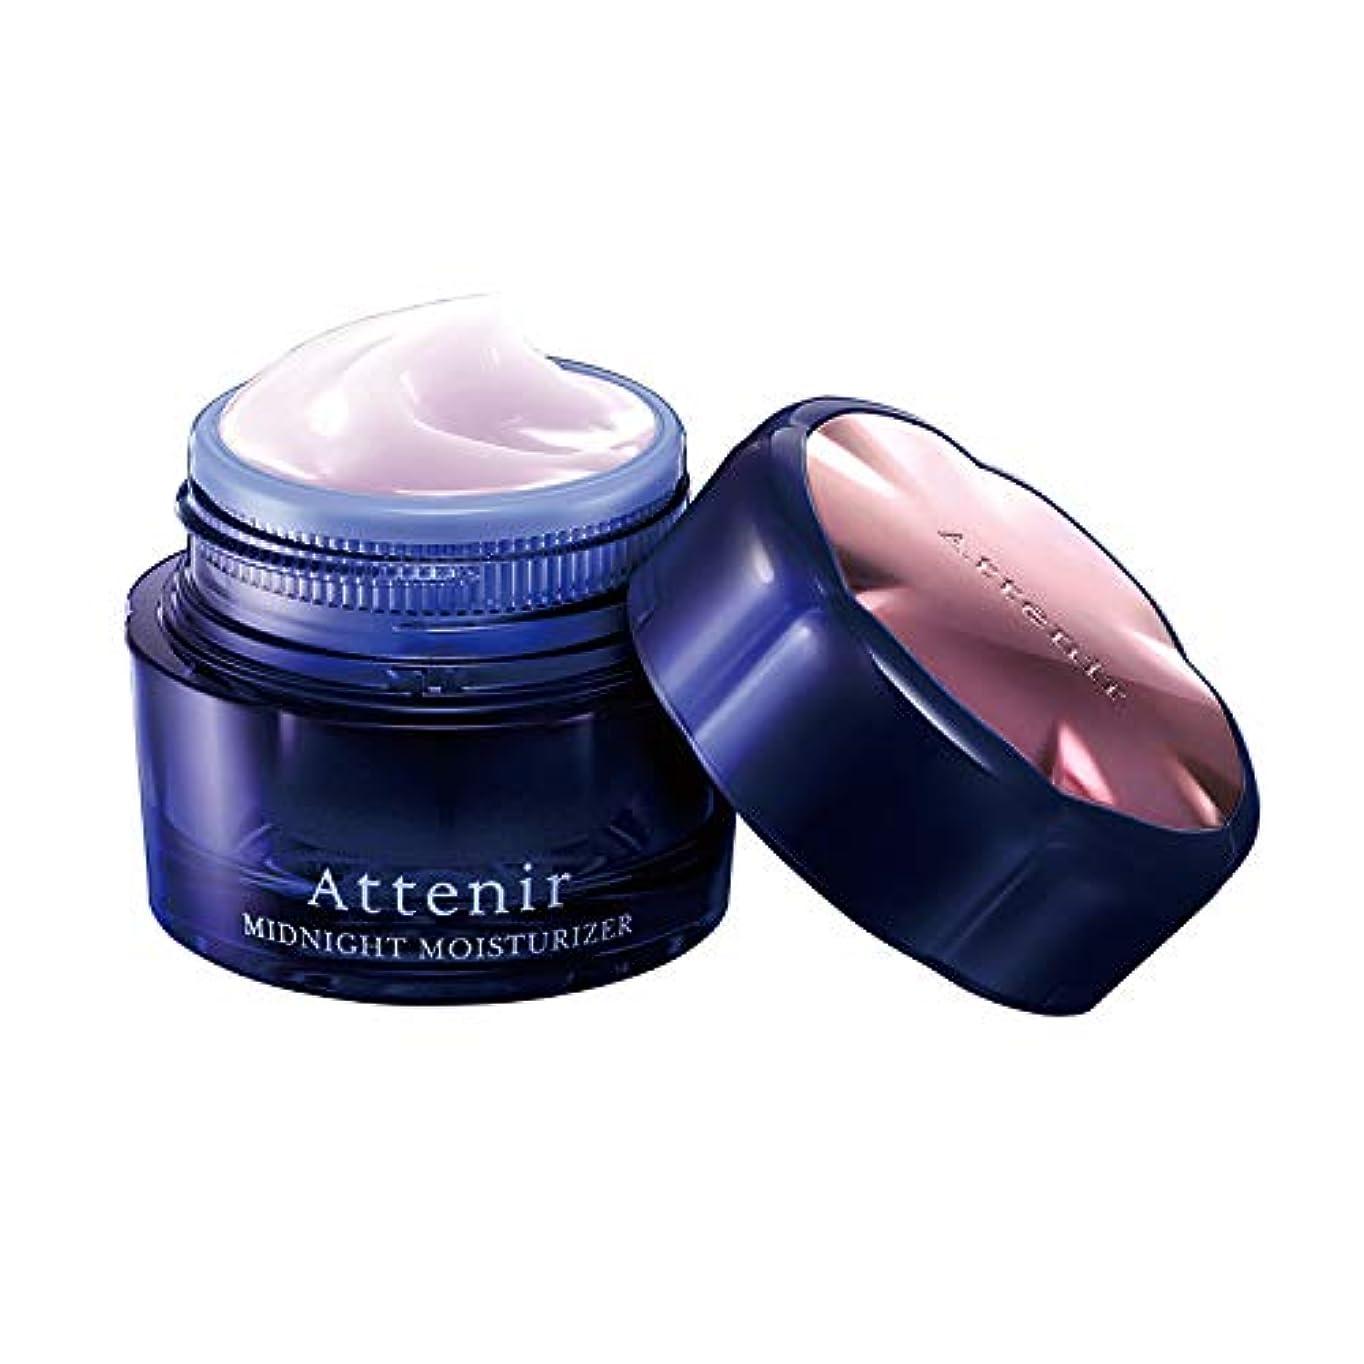 影響力のある毎日剥離アテニア ミッドナイト モイスチャライザー<春夏>30g ミッドナイト美容マスク